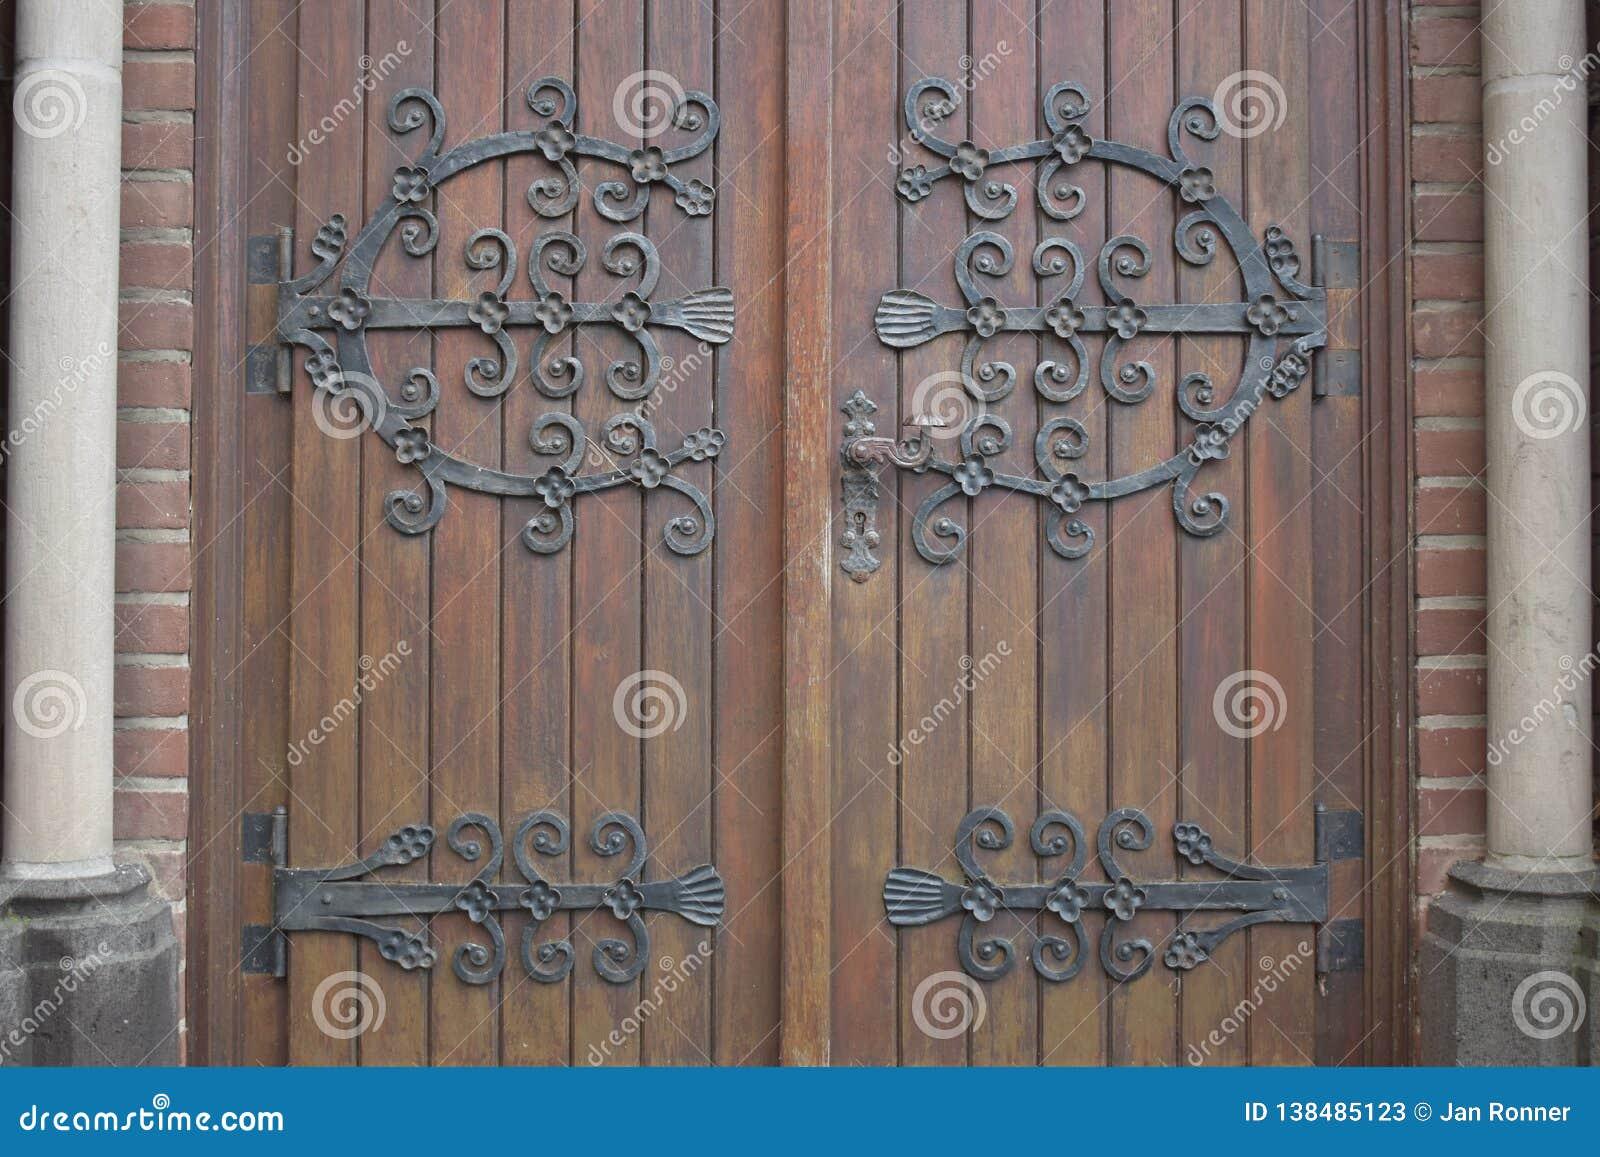 Wooden church doors